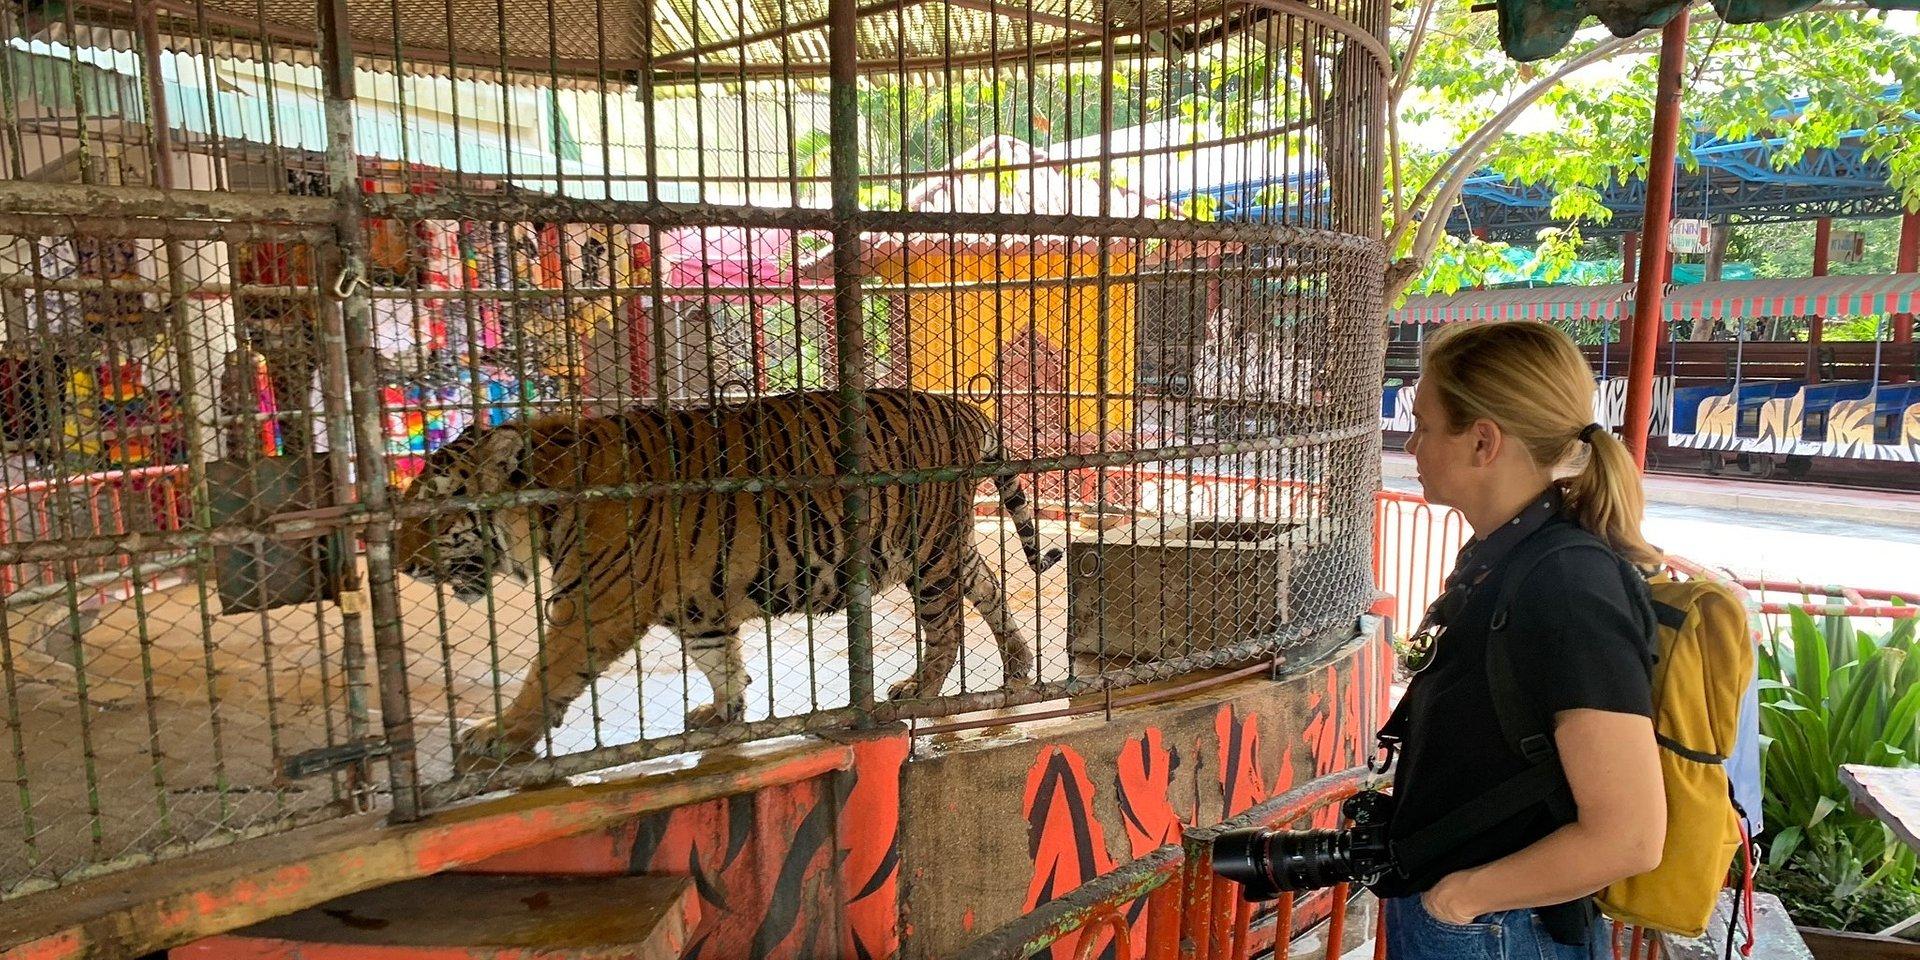 """Kulisy handlu tygrysami w serii """"Ciemna strona świata"""" National Geographic - Mariana van Zeller podąża m.in. tropem Joe Exotica."""